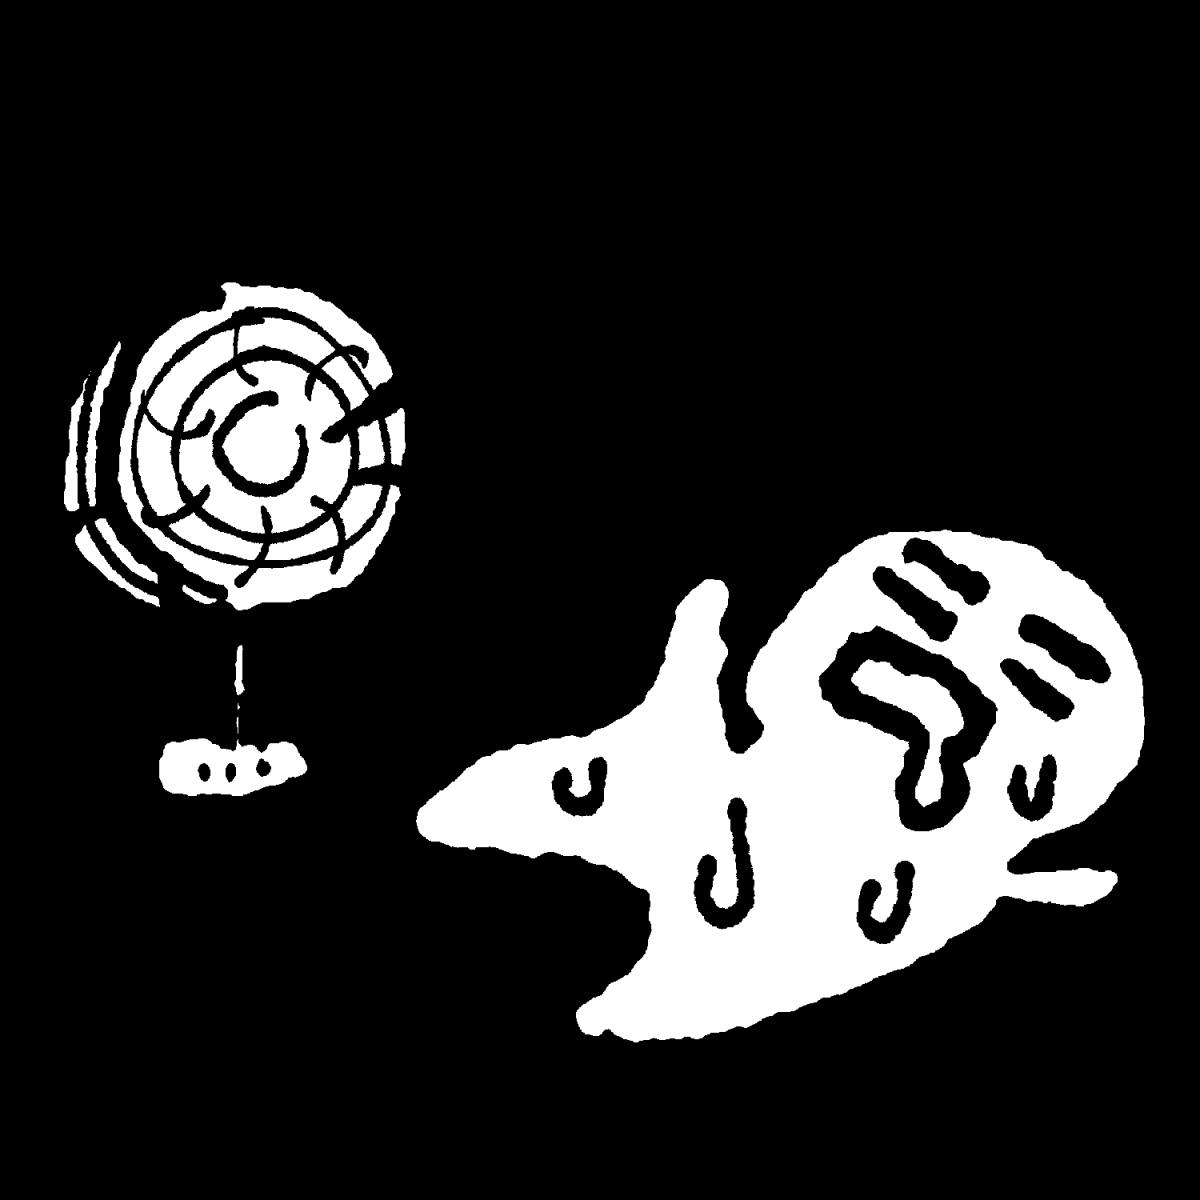 すずしくない扇風機のイラスト / An ugly fan Illustration